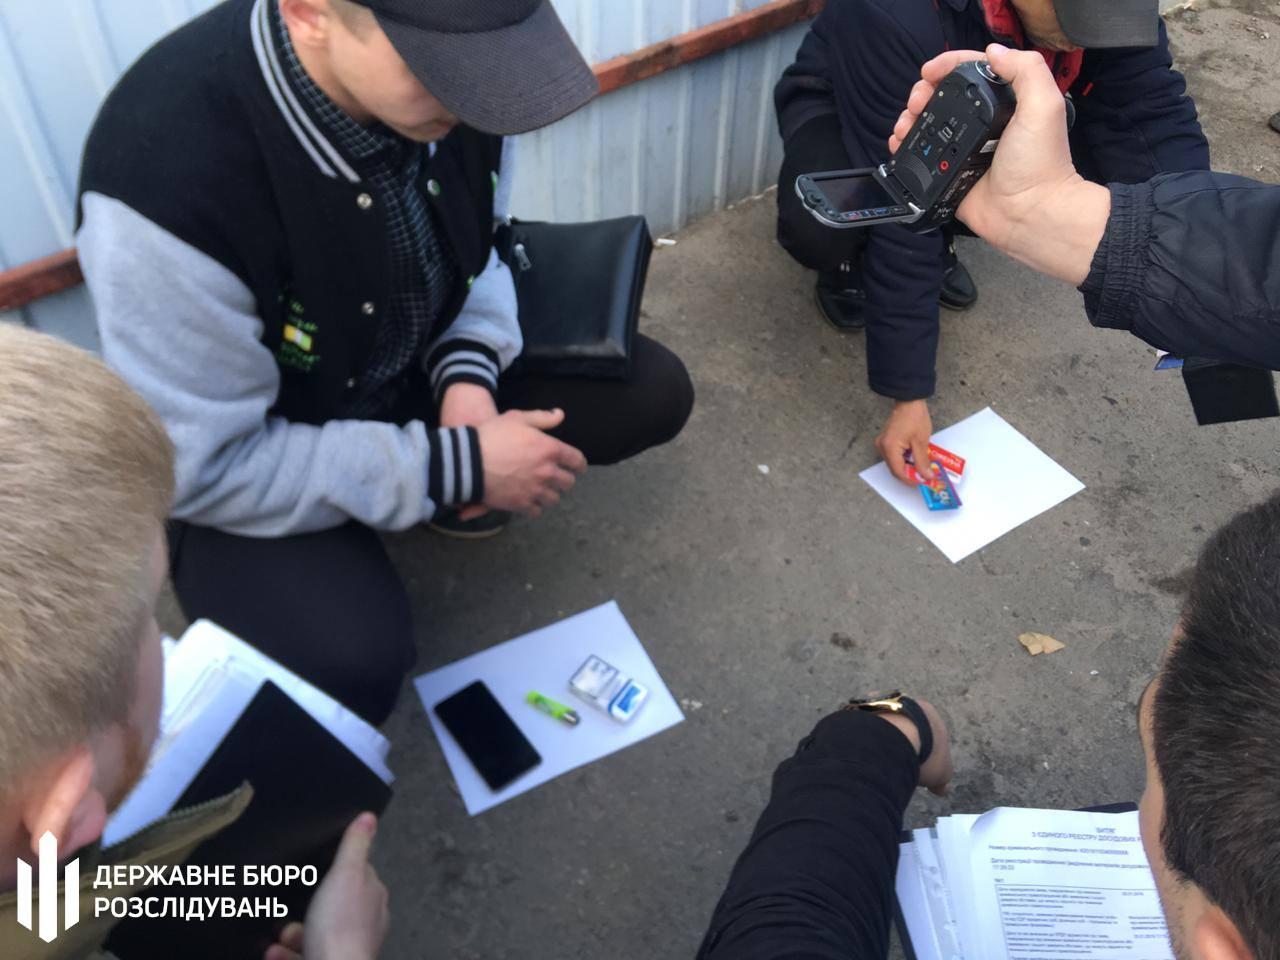 В Киеве военнослужащий продавал наркотики